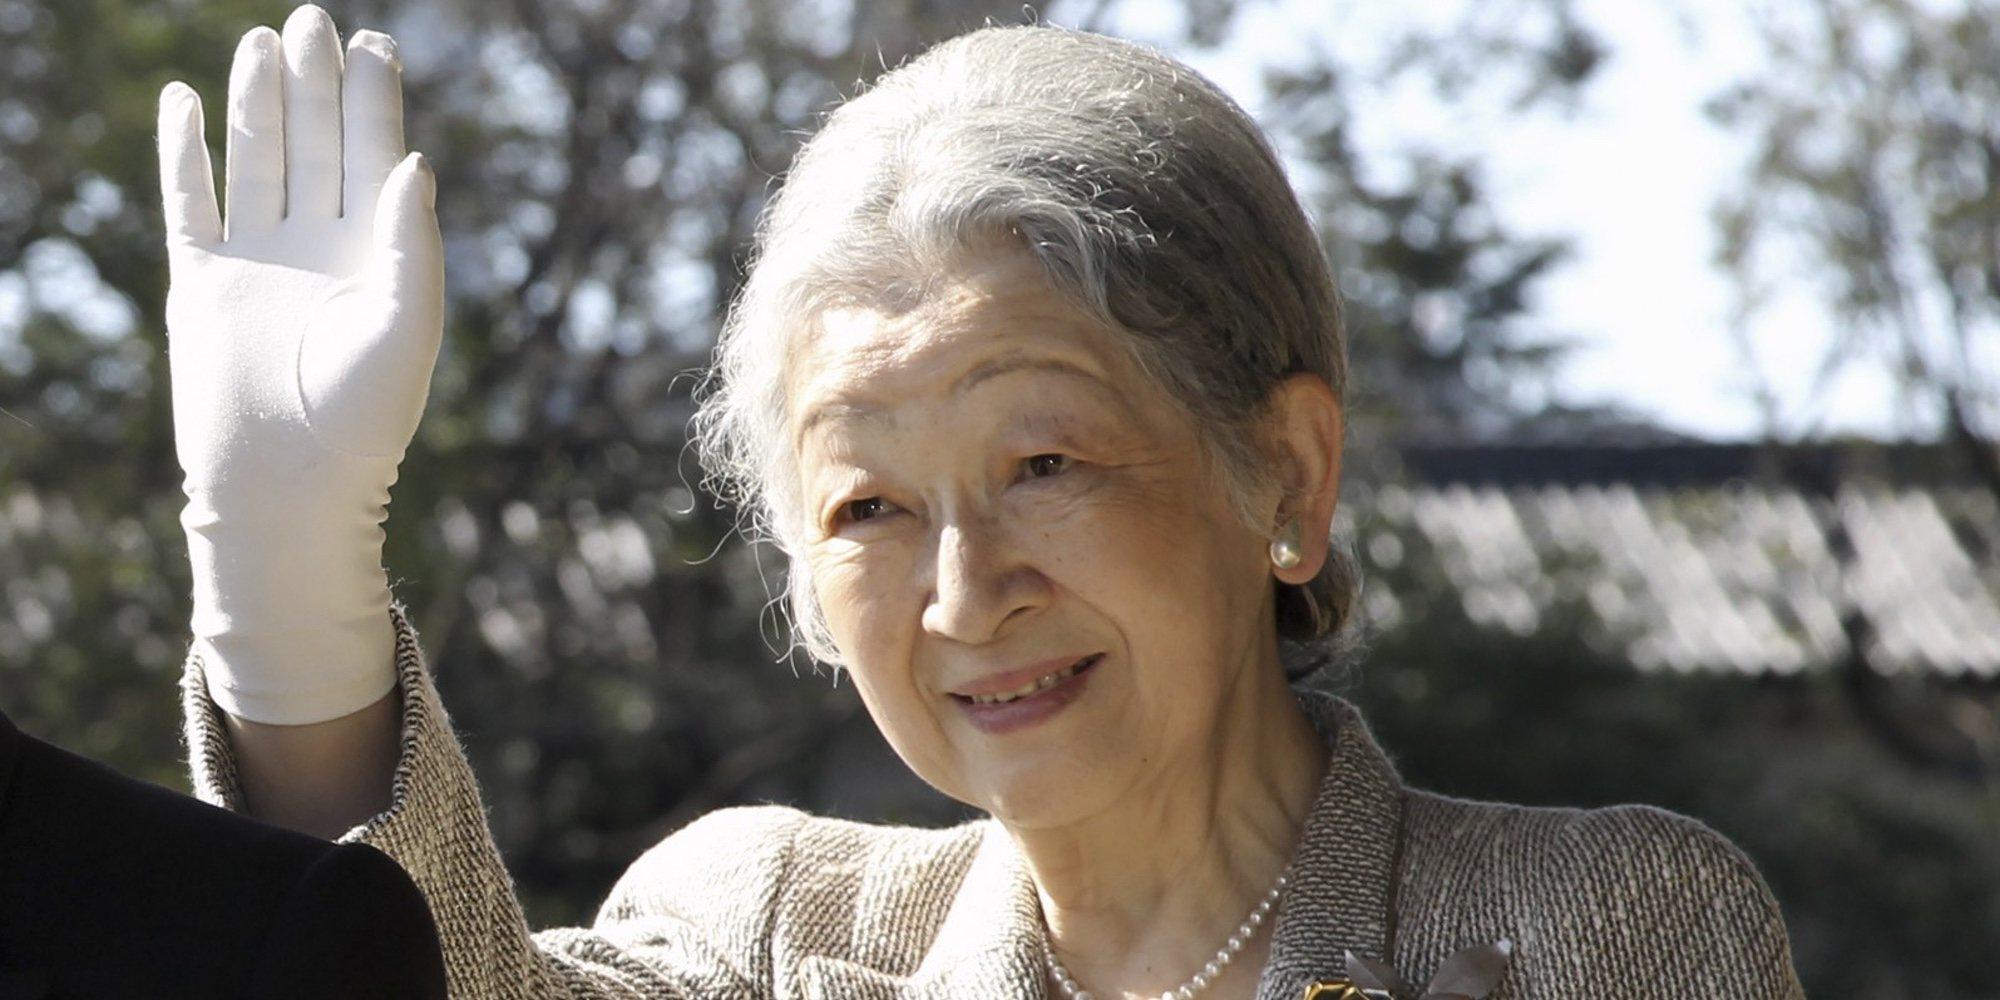 La Emperatriz Michiko de Japón tiene cáncer de mama y será operada